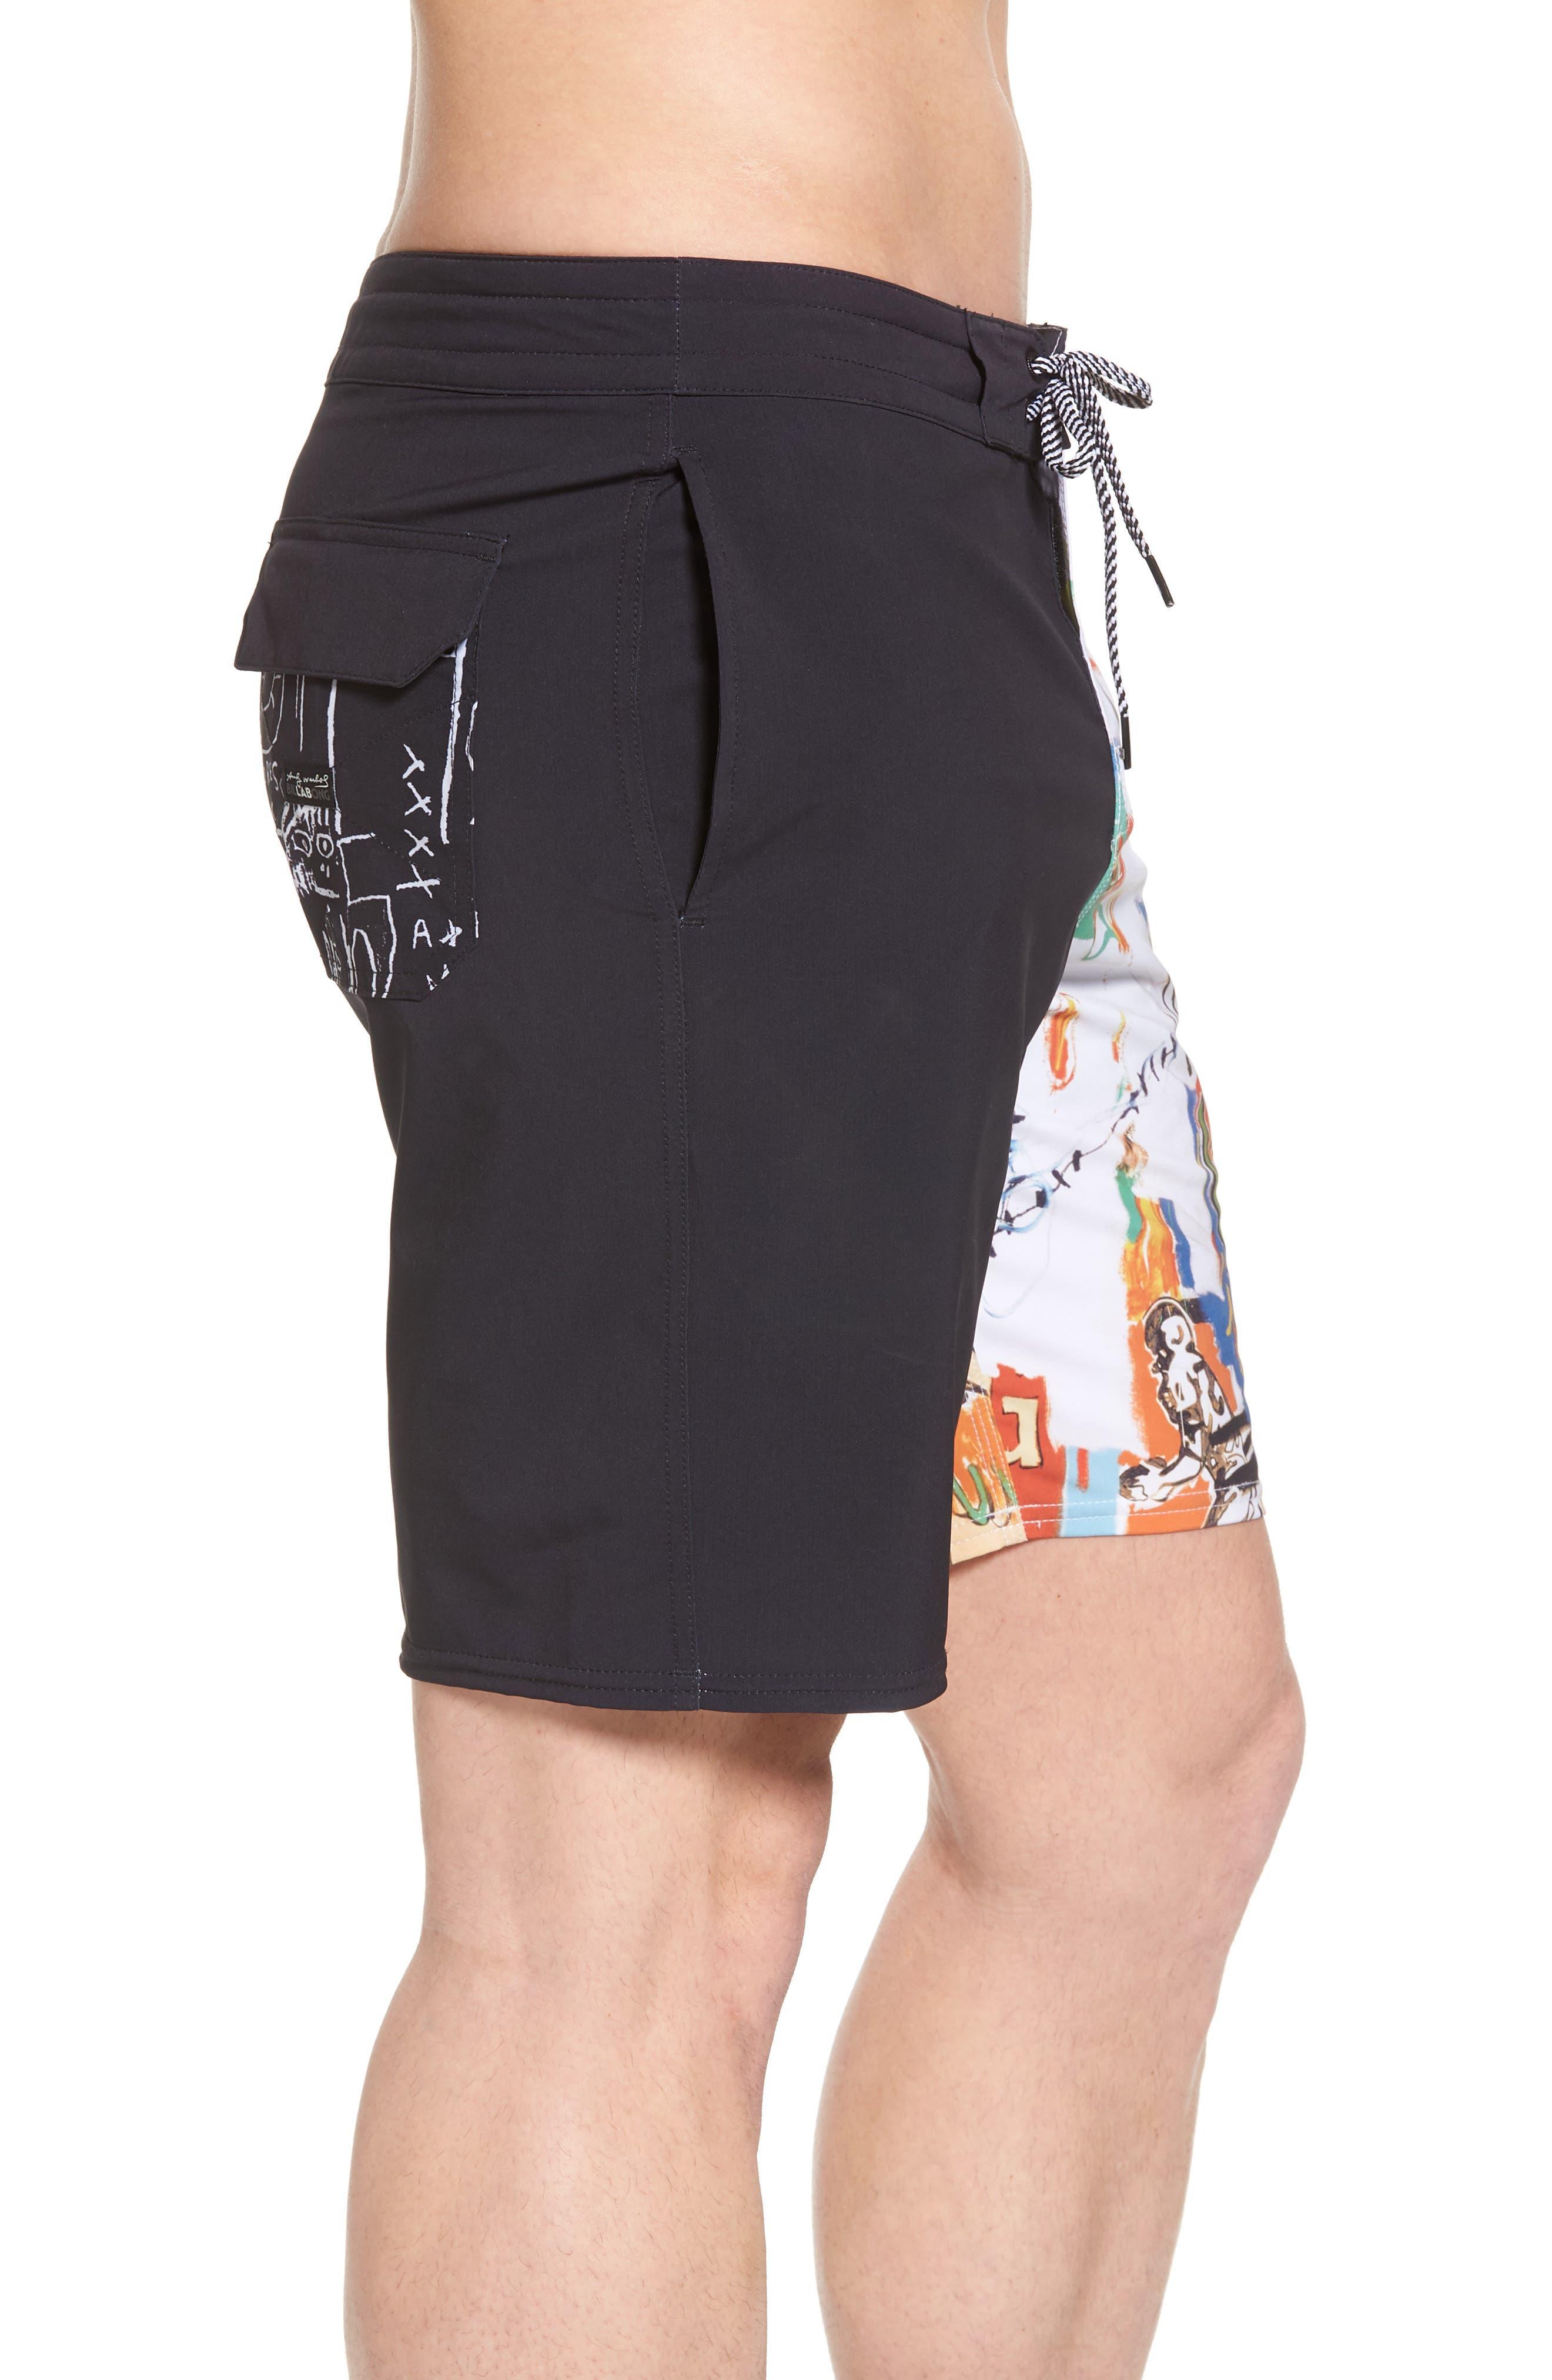 x Warhol 699 Board Shorts,                             Alternate thumbnail 3, color,                             100